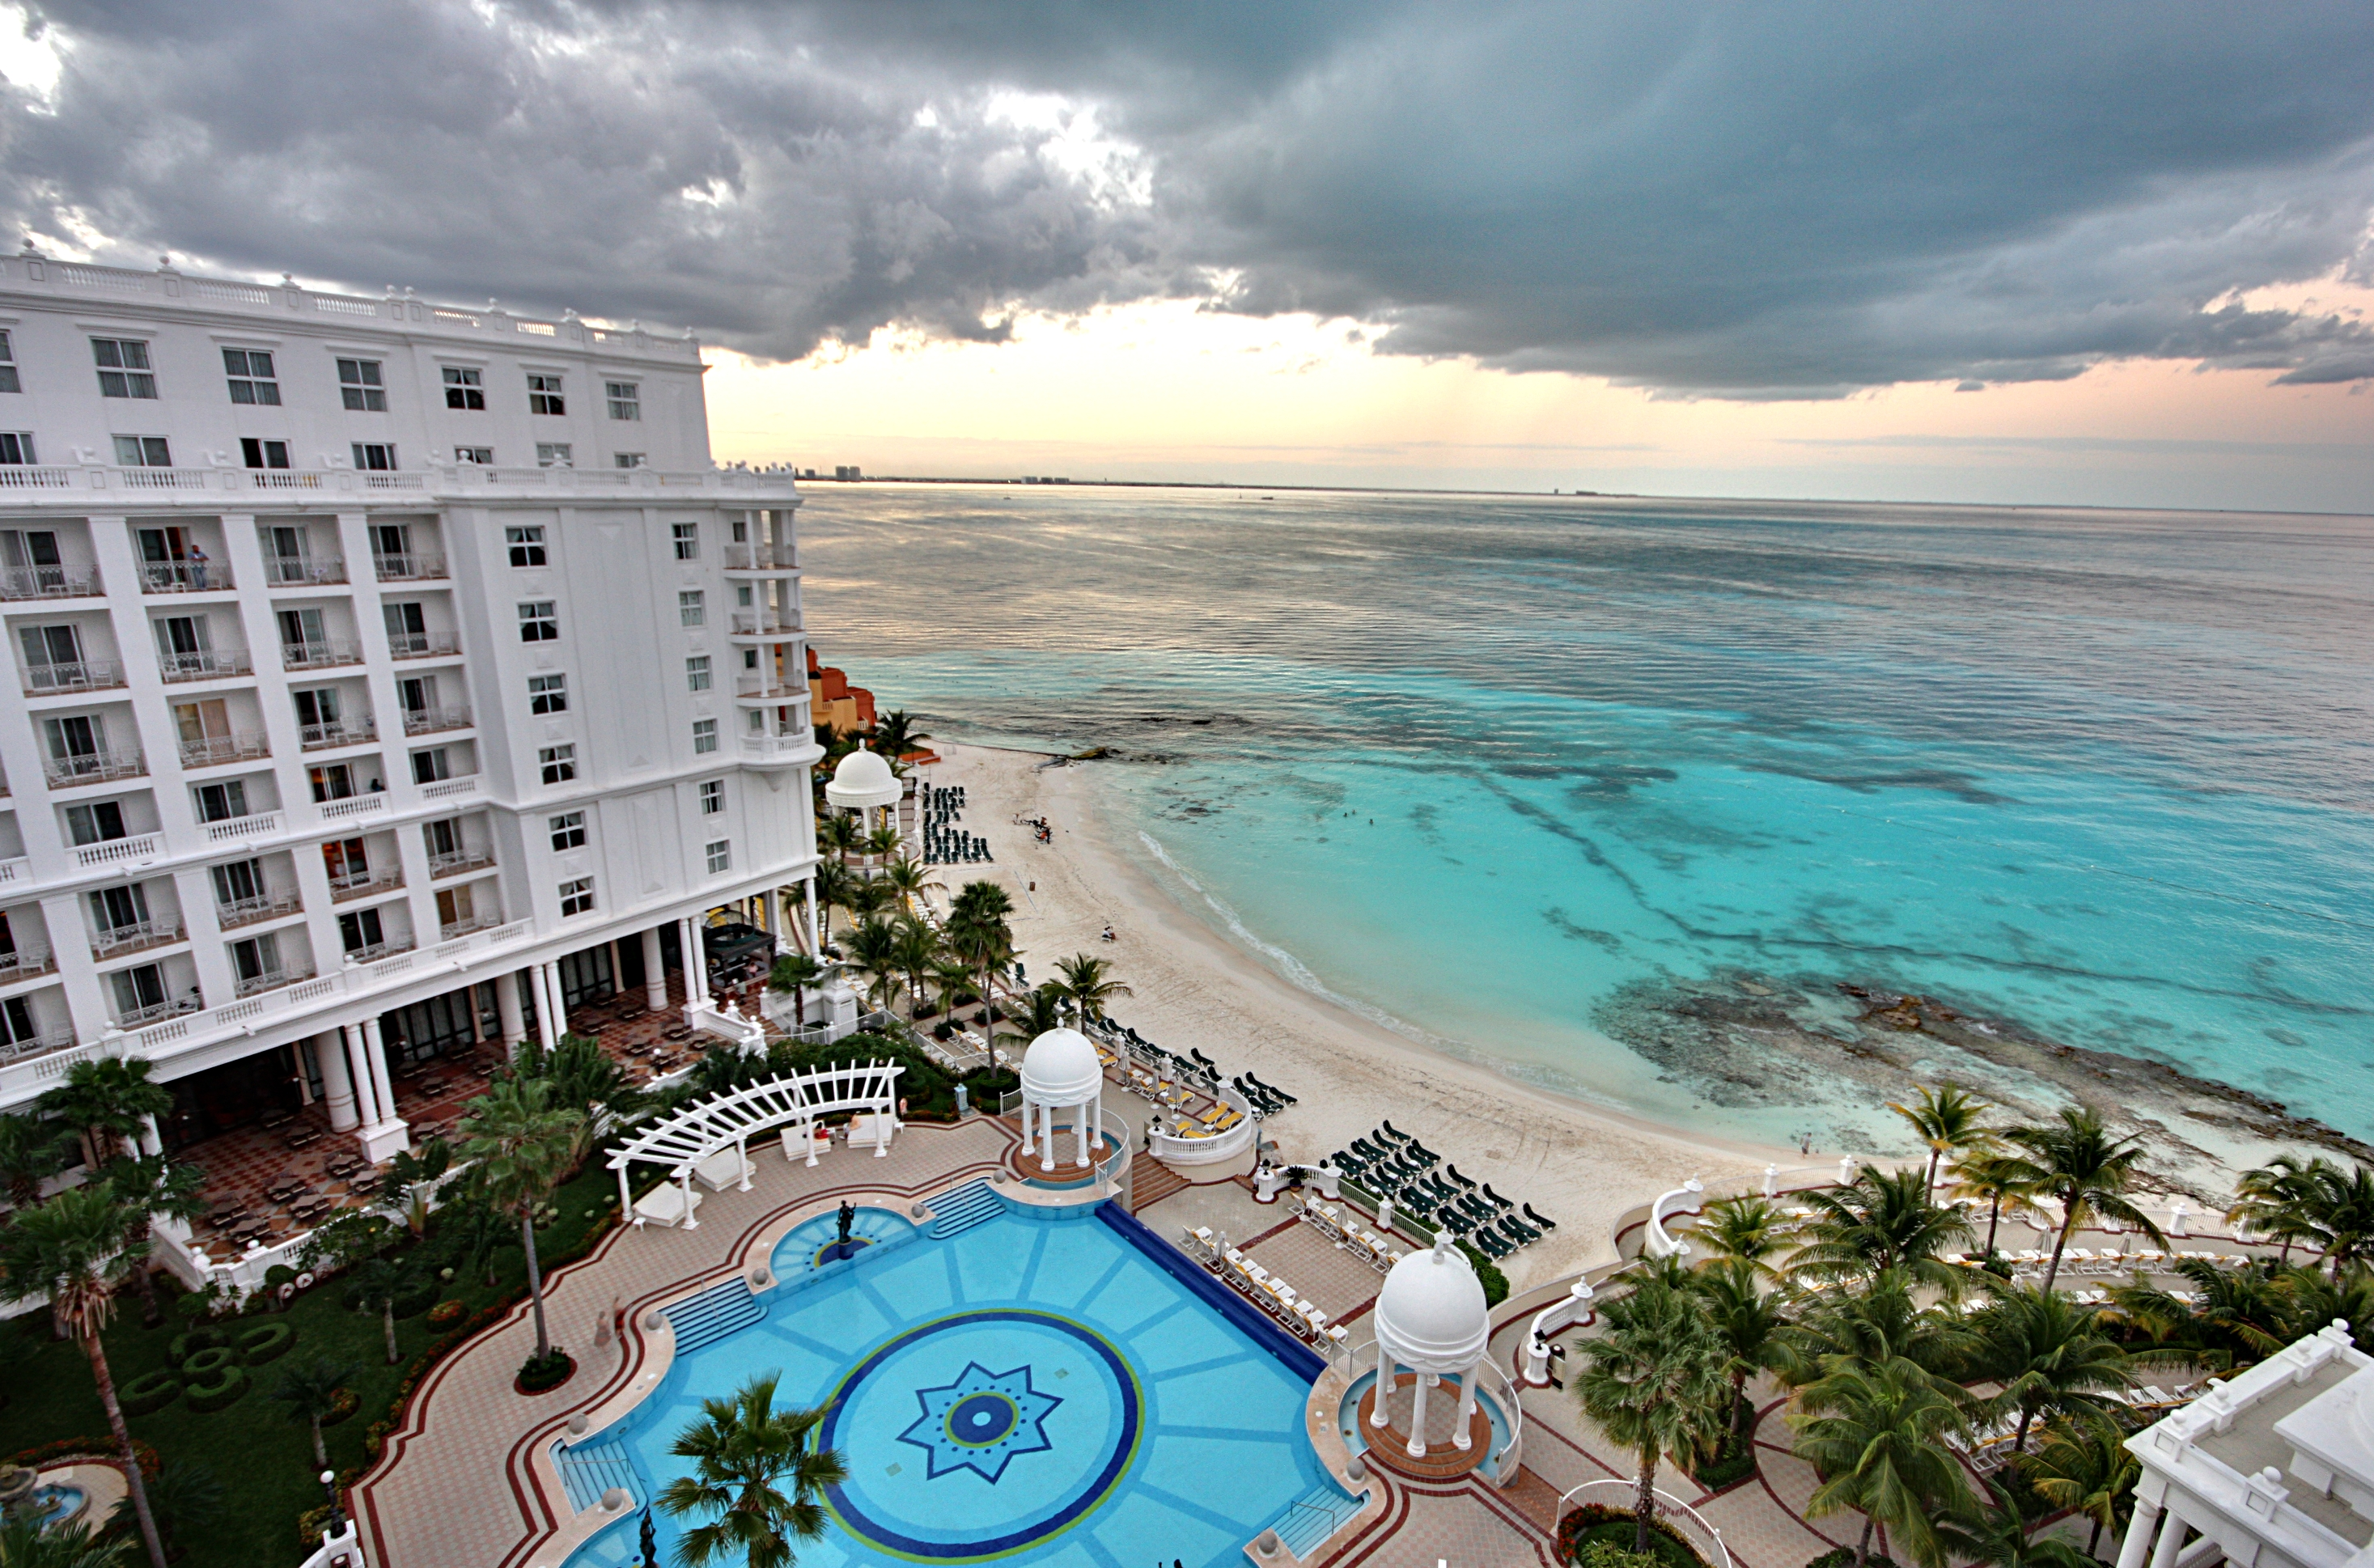 Ritz Carlton Cancún celebra 25 años con nuevo proyecto de expansión